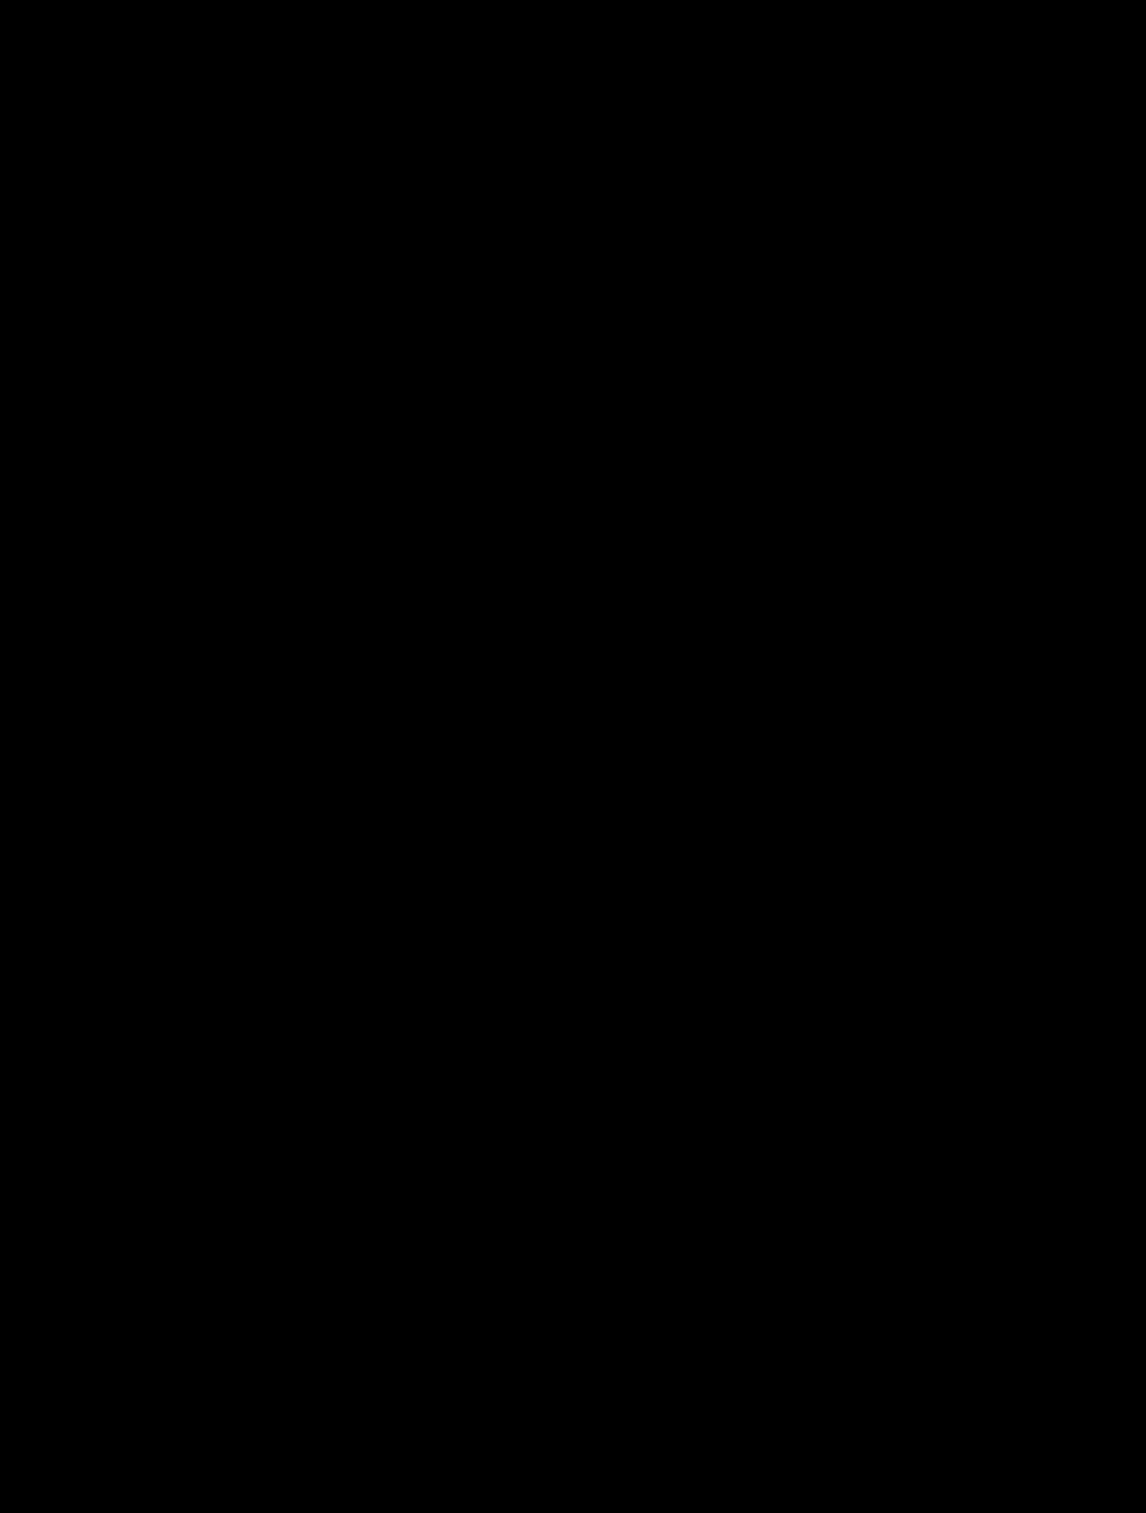 Aktstudie 42×59